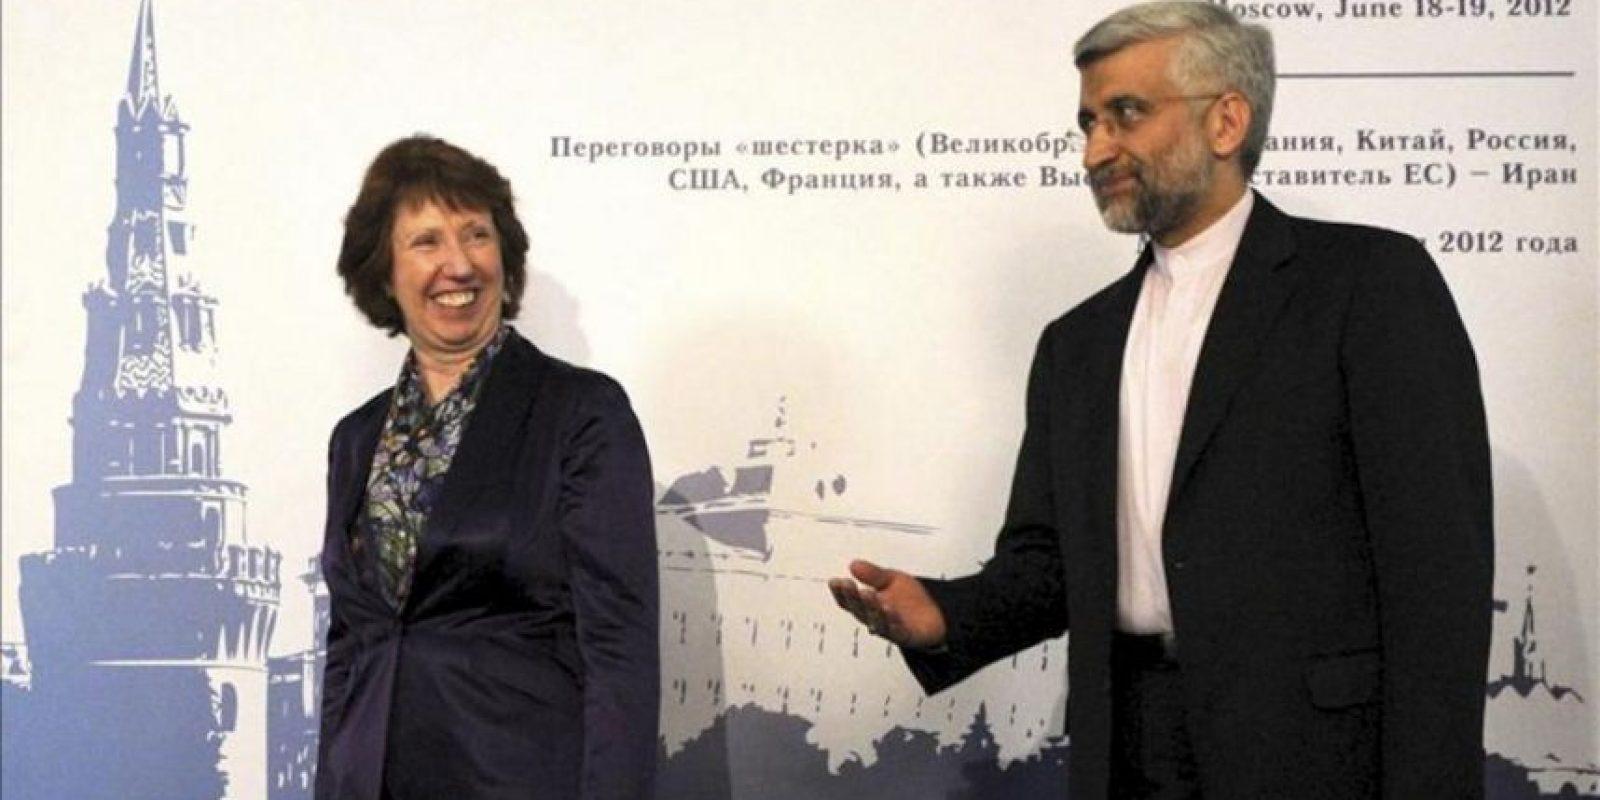 La jefa de la diplomacia europea, Catherine Ashton (izq), y el jefe negociador iraní de asuntos nucleares, Saeed Jalili (der), a su entrada al encuentro sobre el programa nuclear de Irán en Moscú, Rusia. EFE